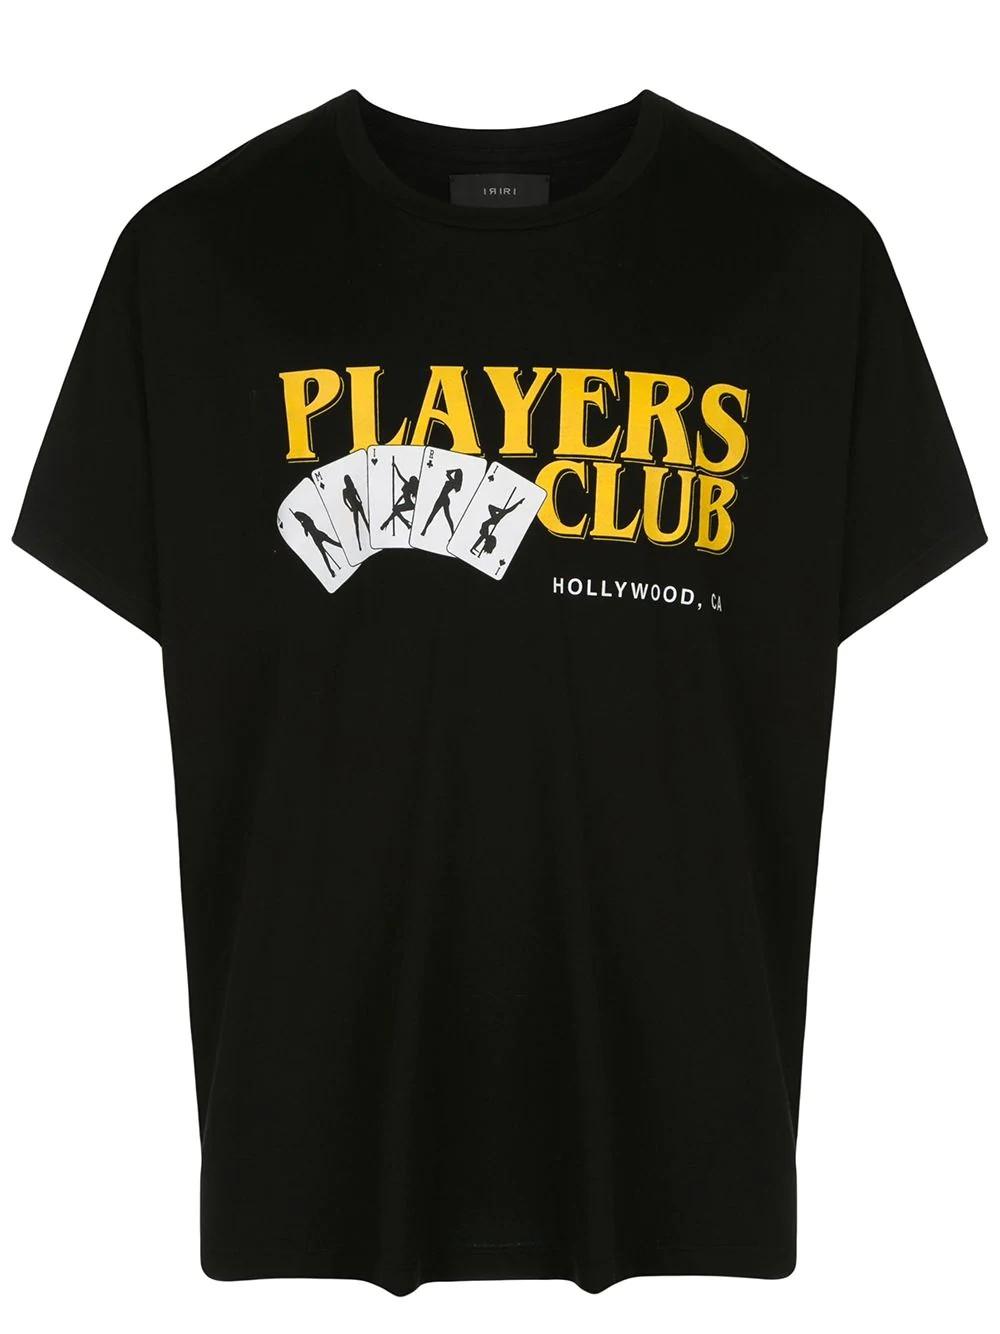 Players Club Tee